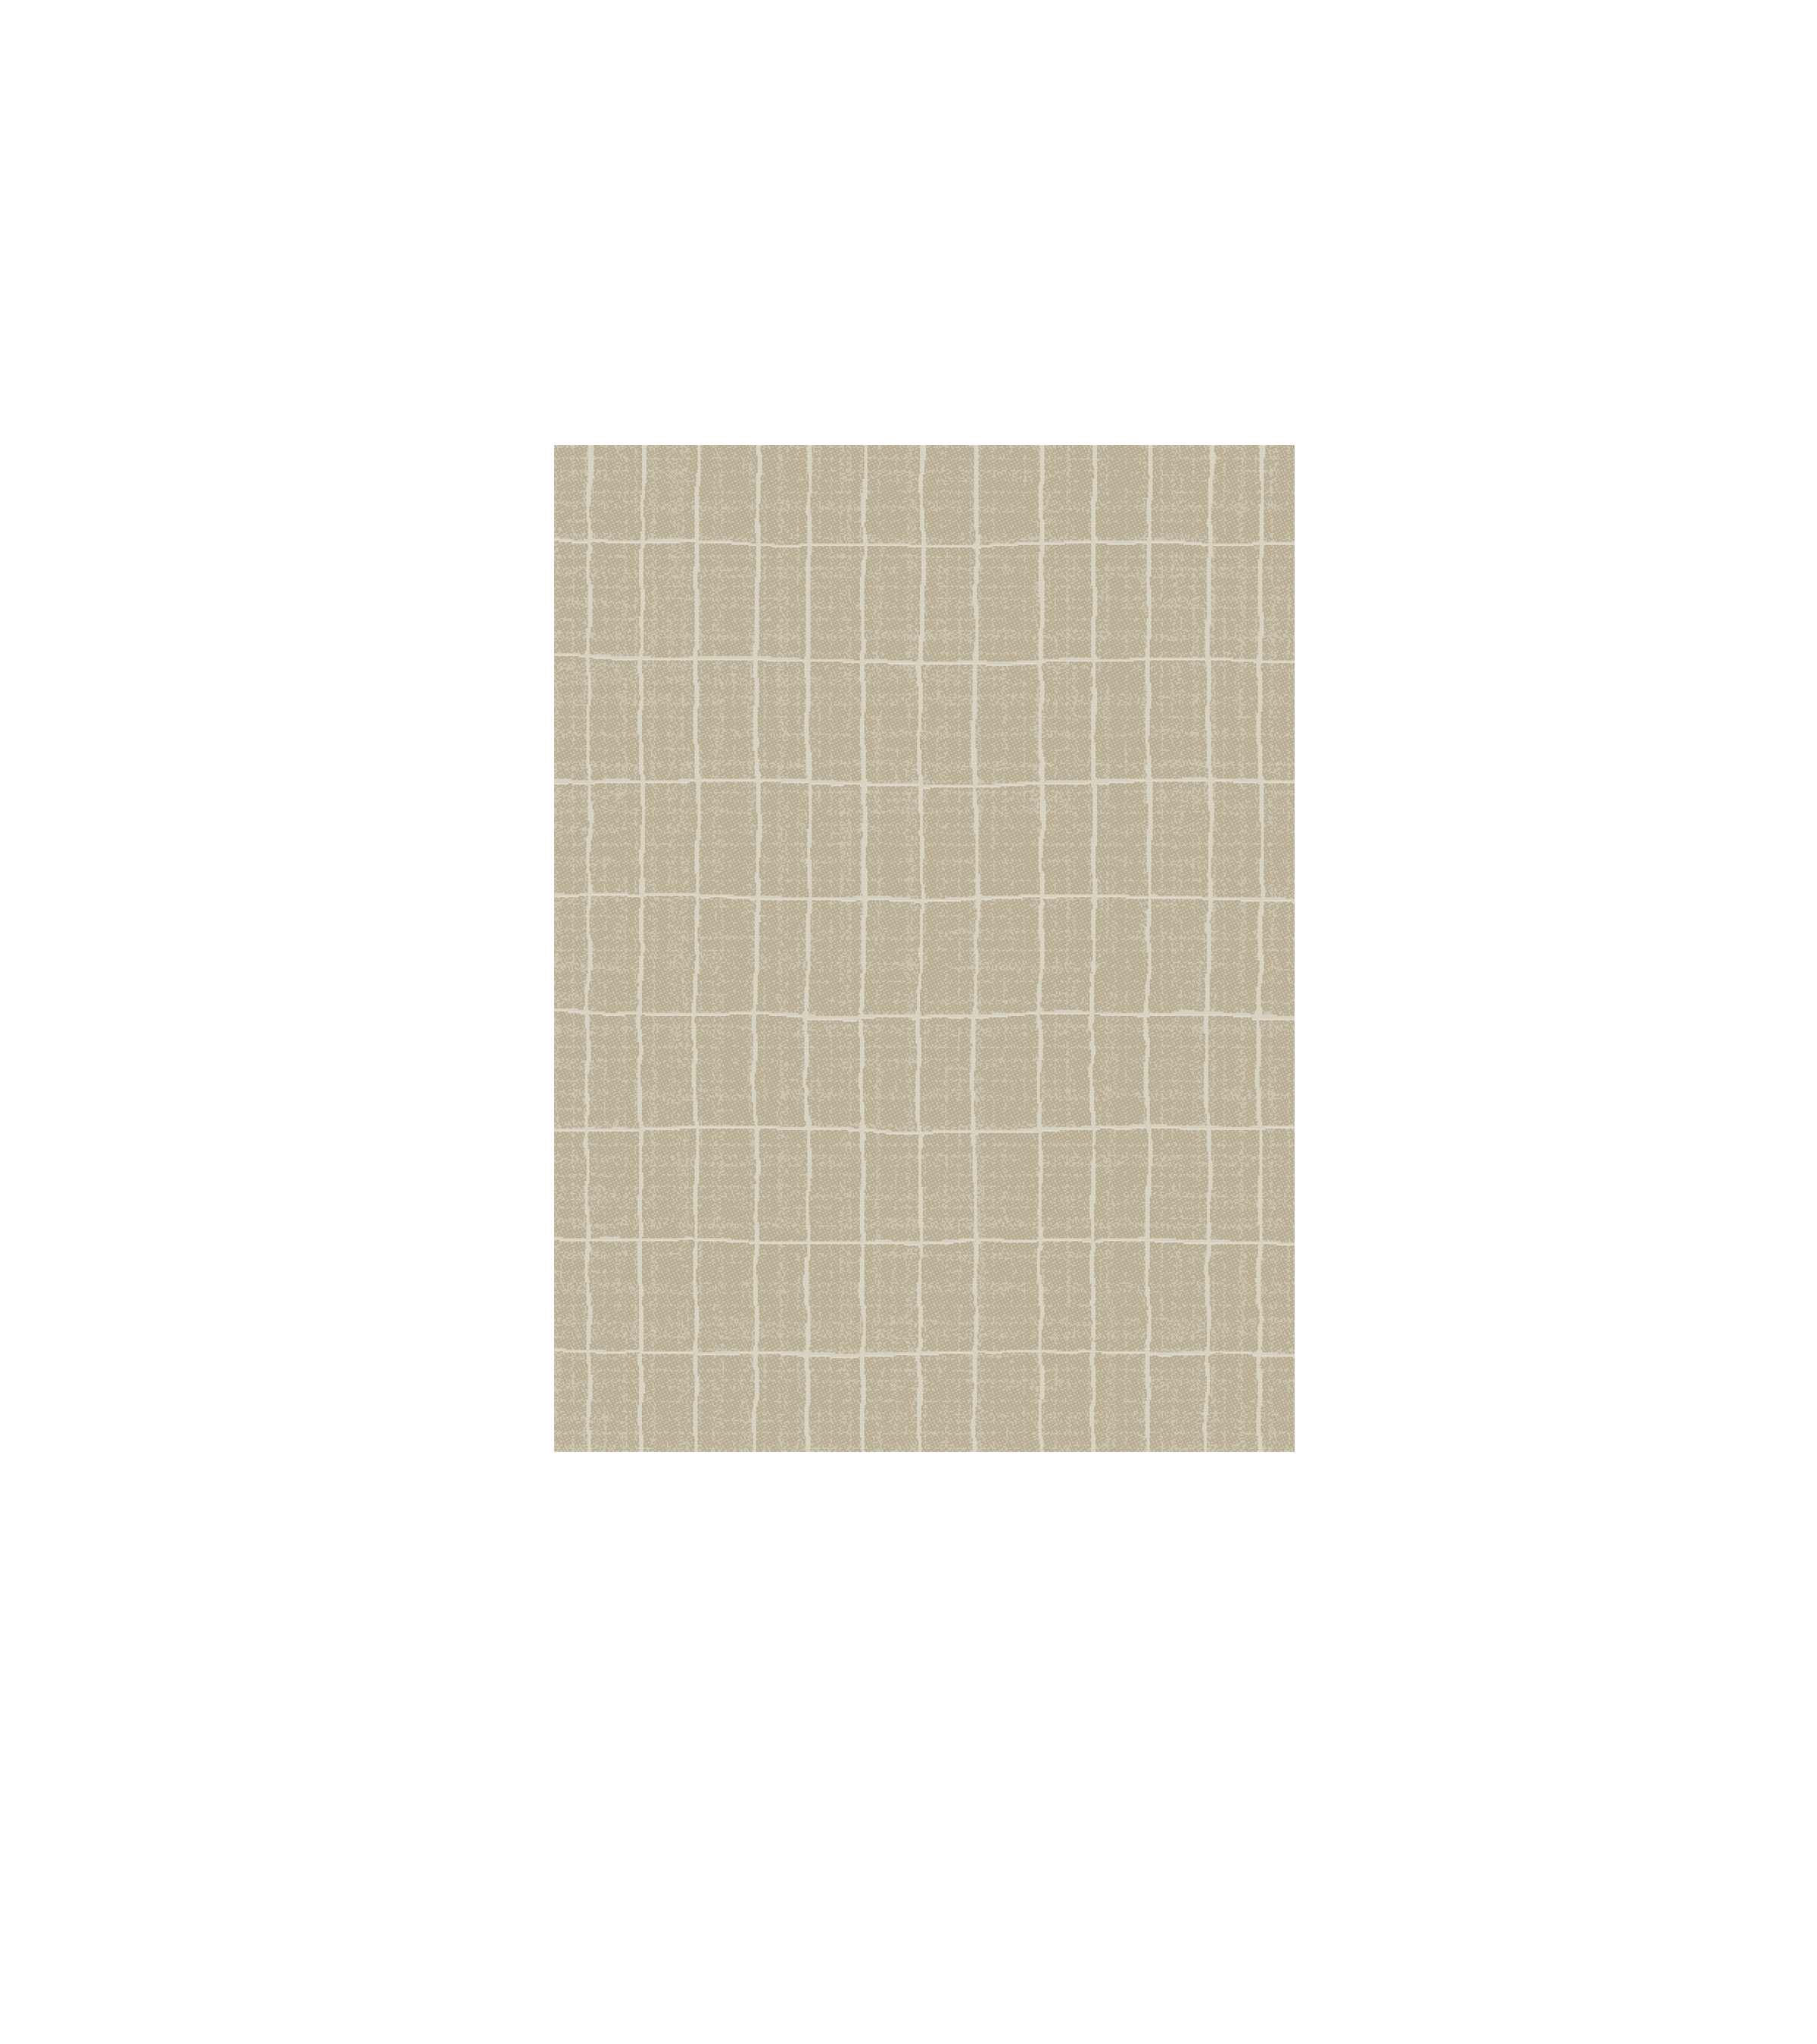 St Tropez - Brick beige